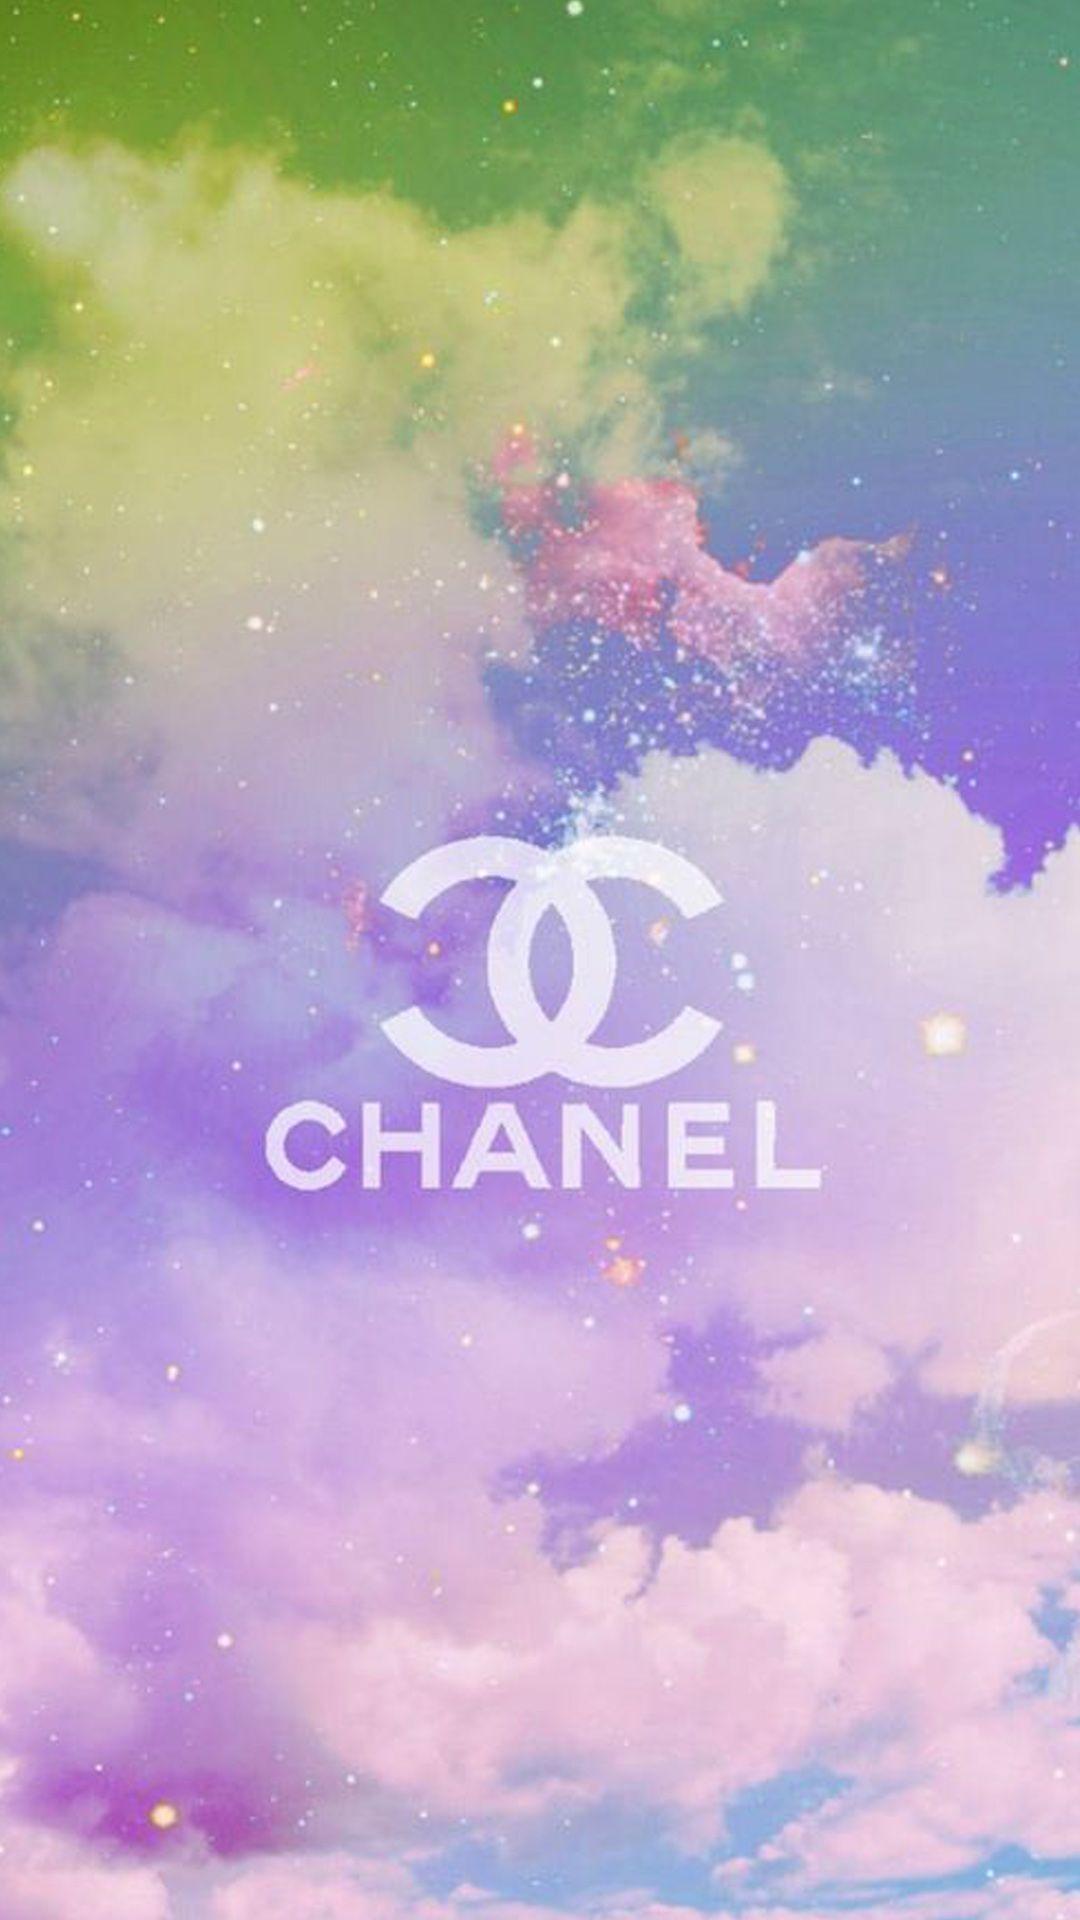 Chanel シャネル かわいい 壁紙 Iphone 壁紙 かわいい 壁紙 Ipad